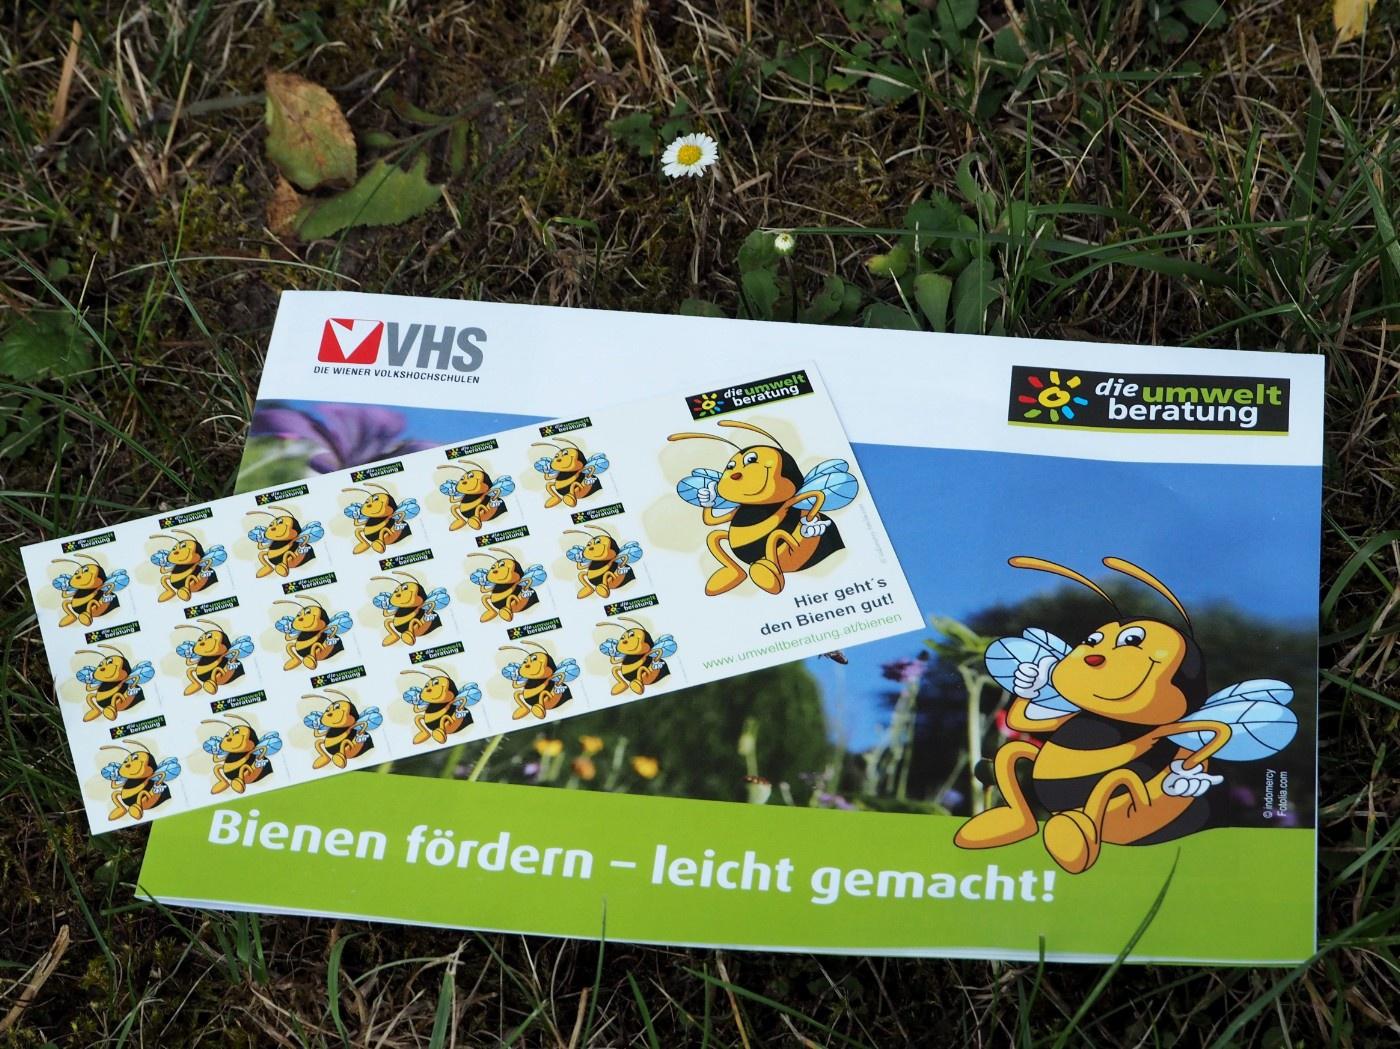 Poster-Bienen fördern leicht gemacht